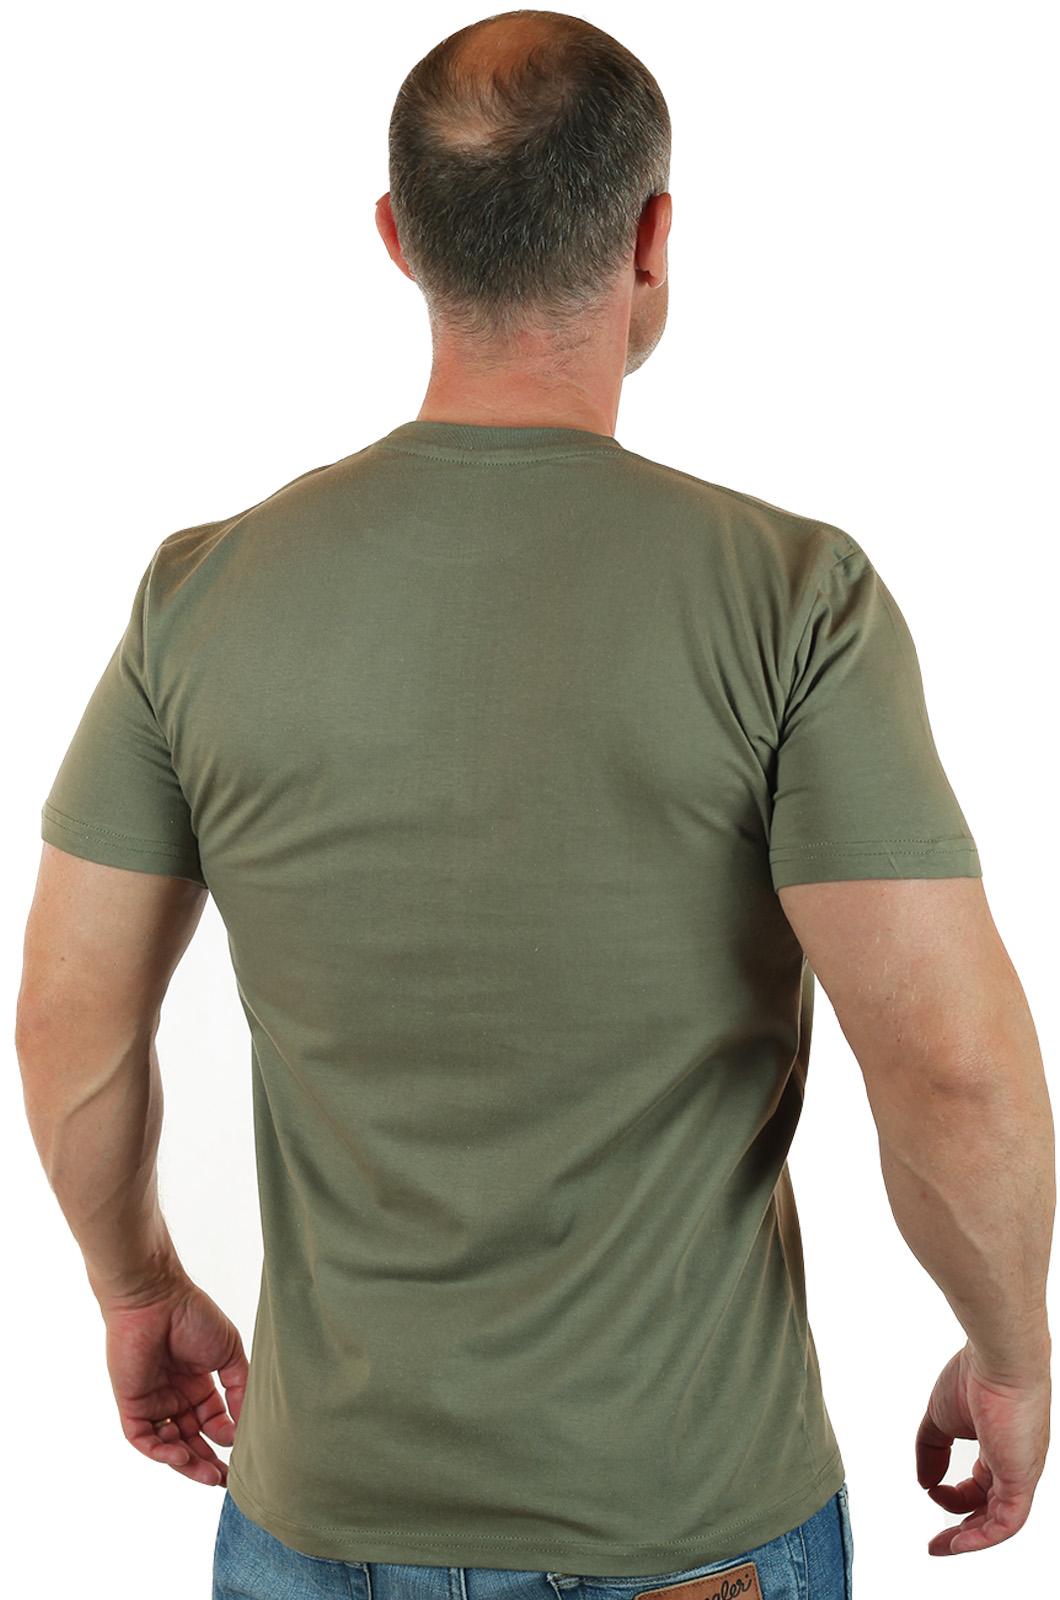 Крутая футболка для крутых мужчин Спецназ ГРУ